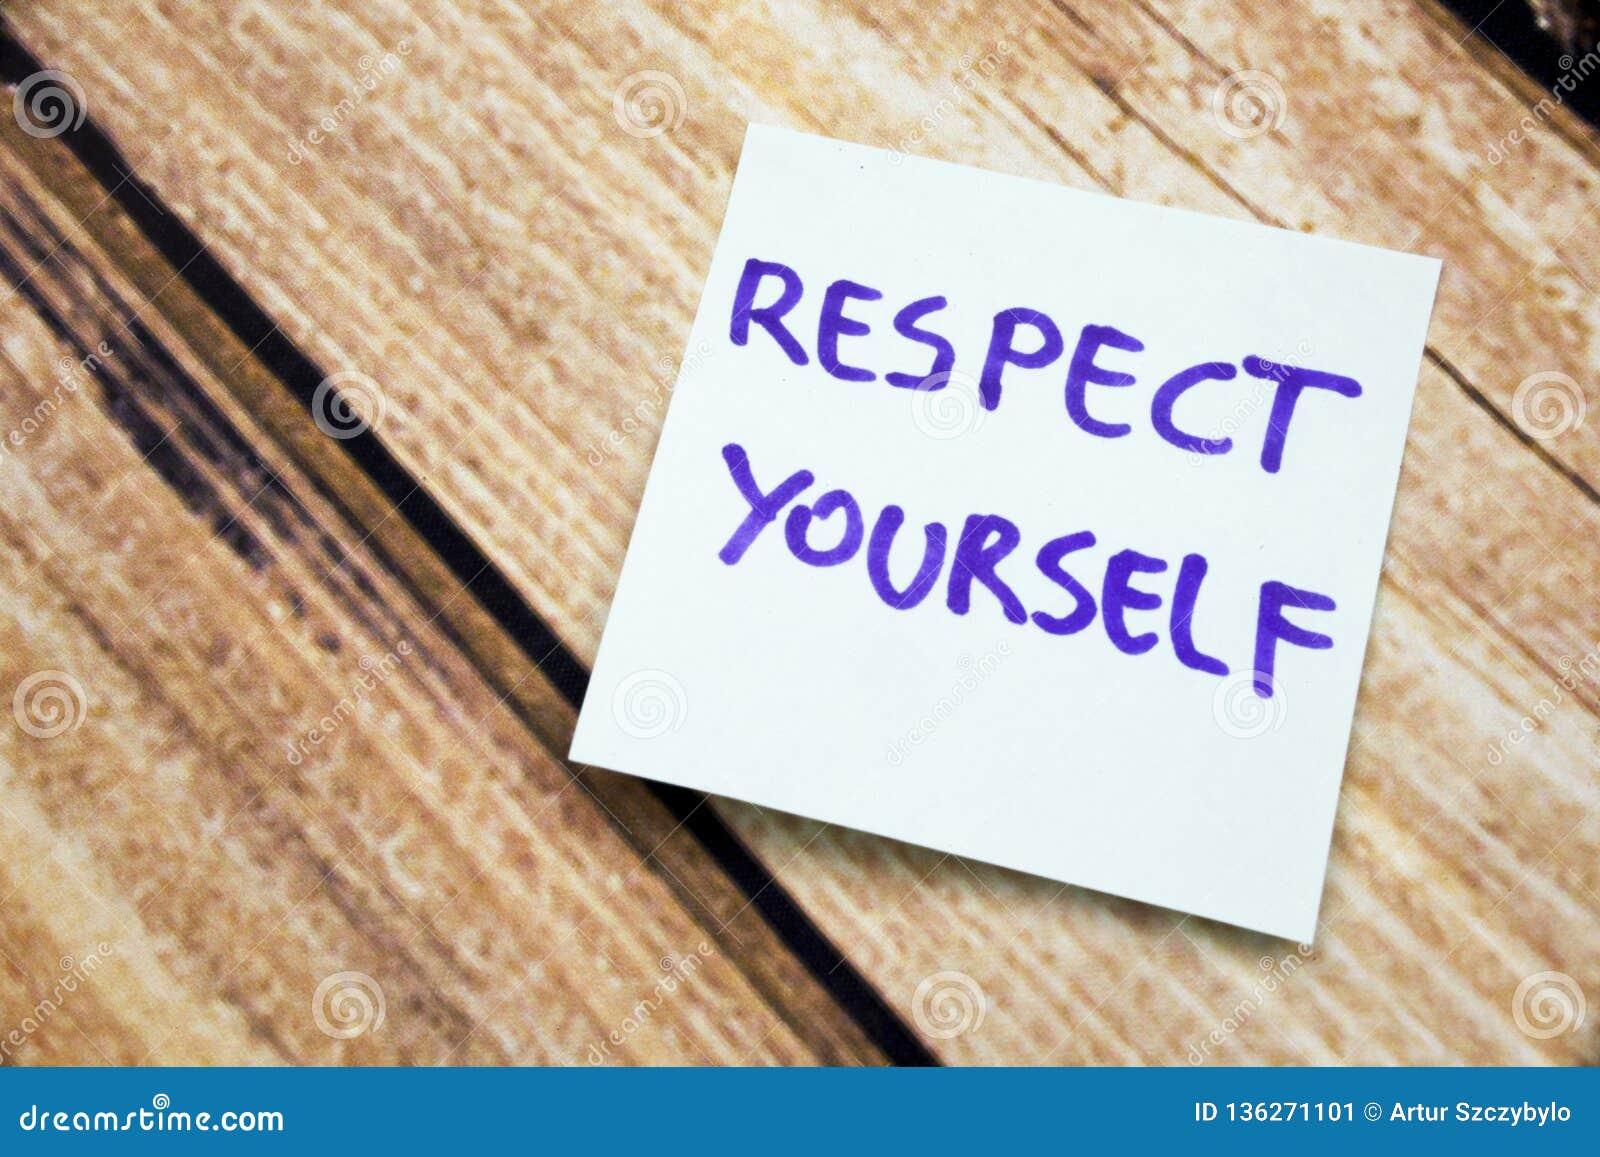 Handgeschriebene Motivanzeige, zum sich zu bewerten Positive Mitteilung über Respekt auf einer Anmerkung Schriftliche Beschwörung